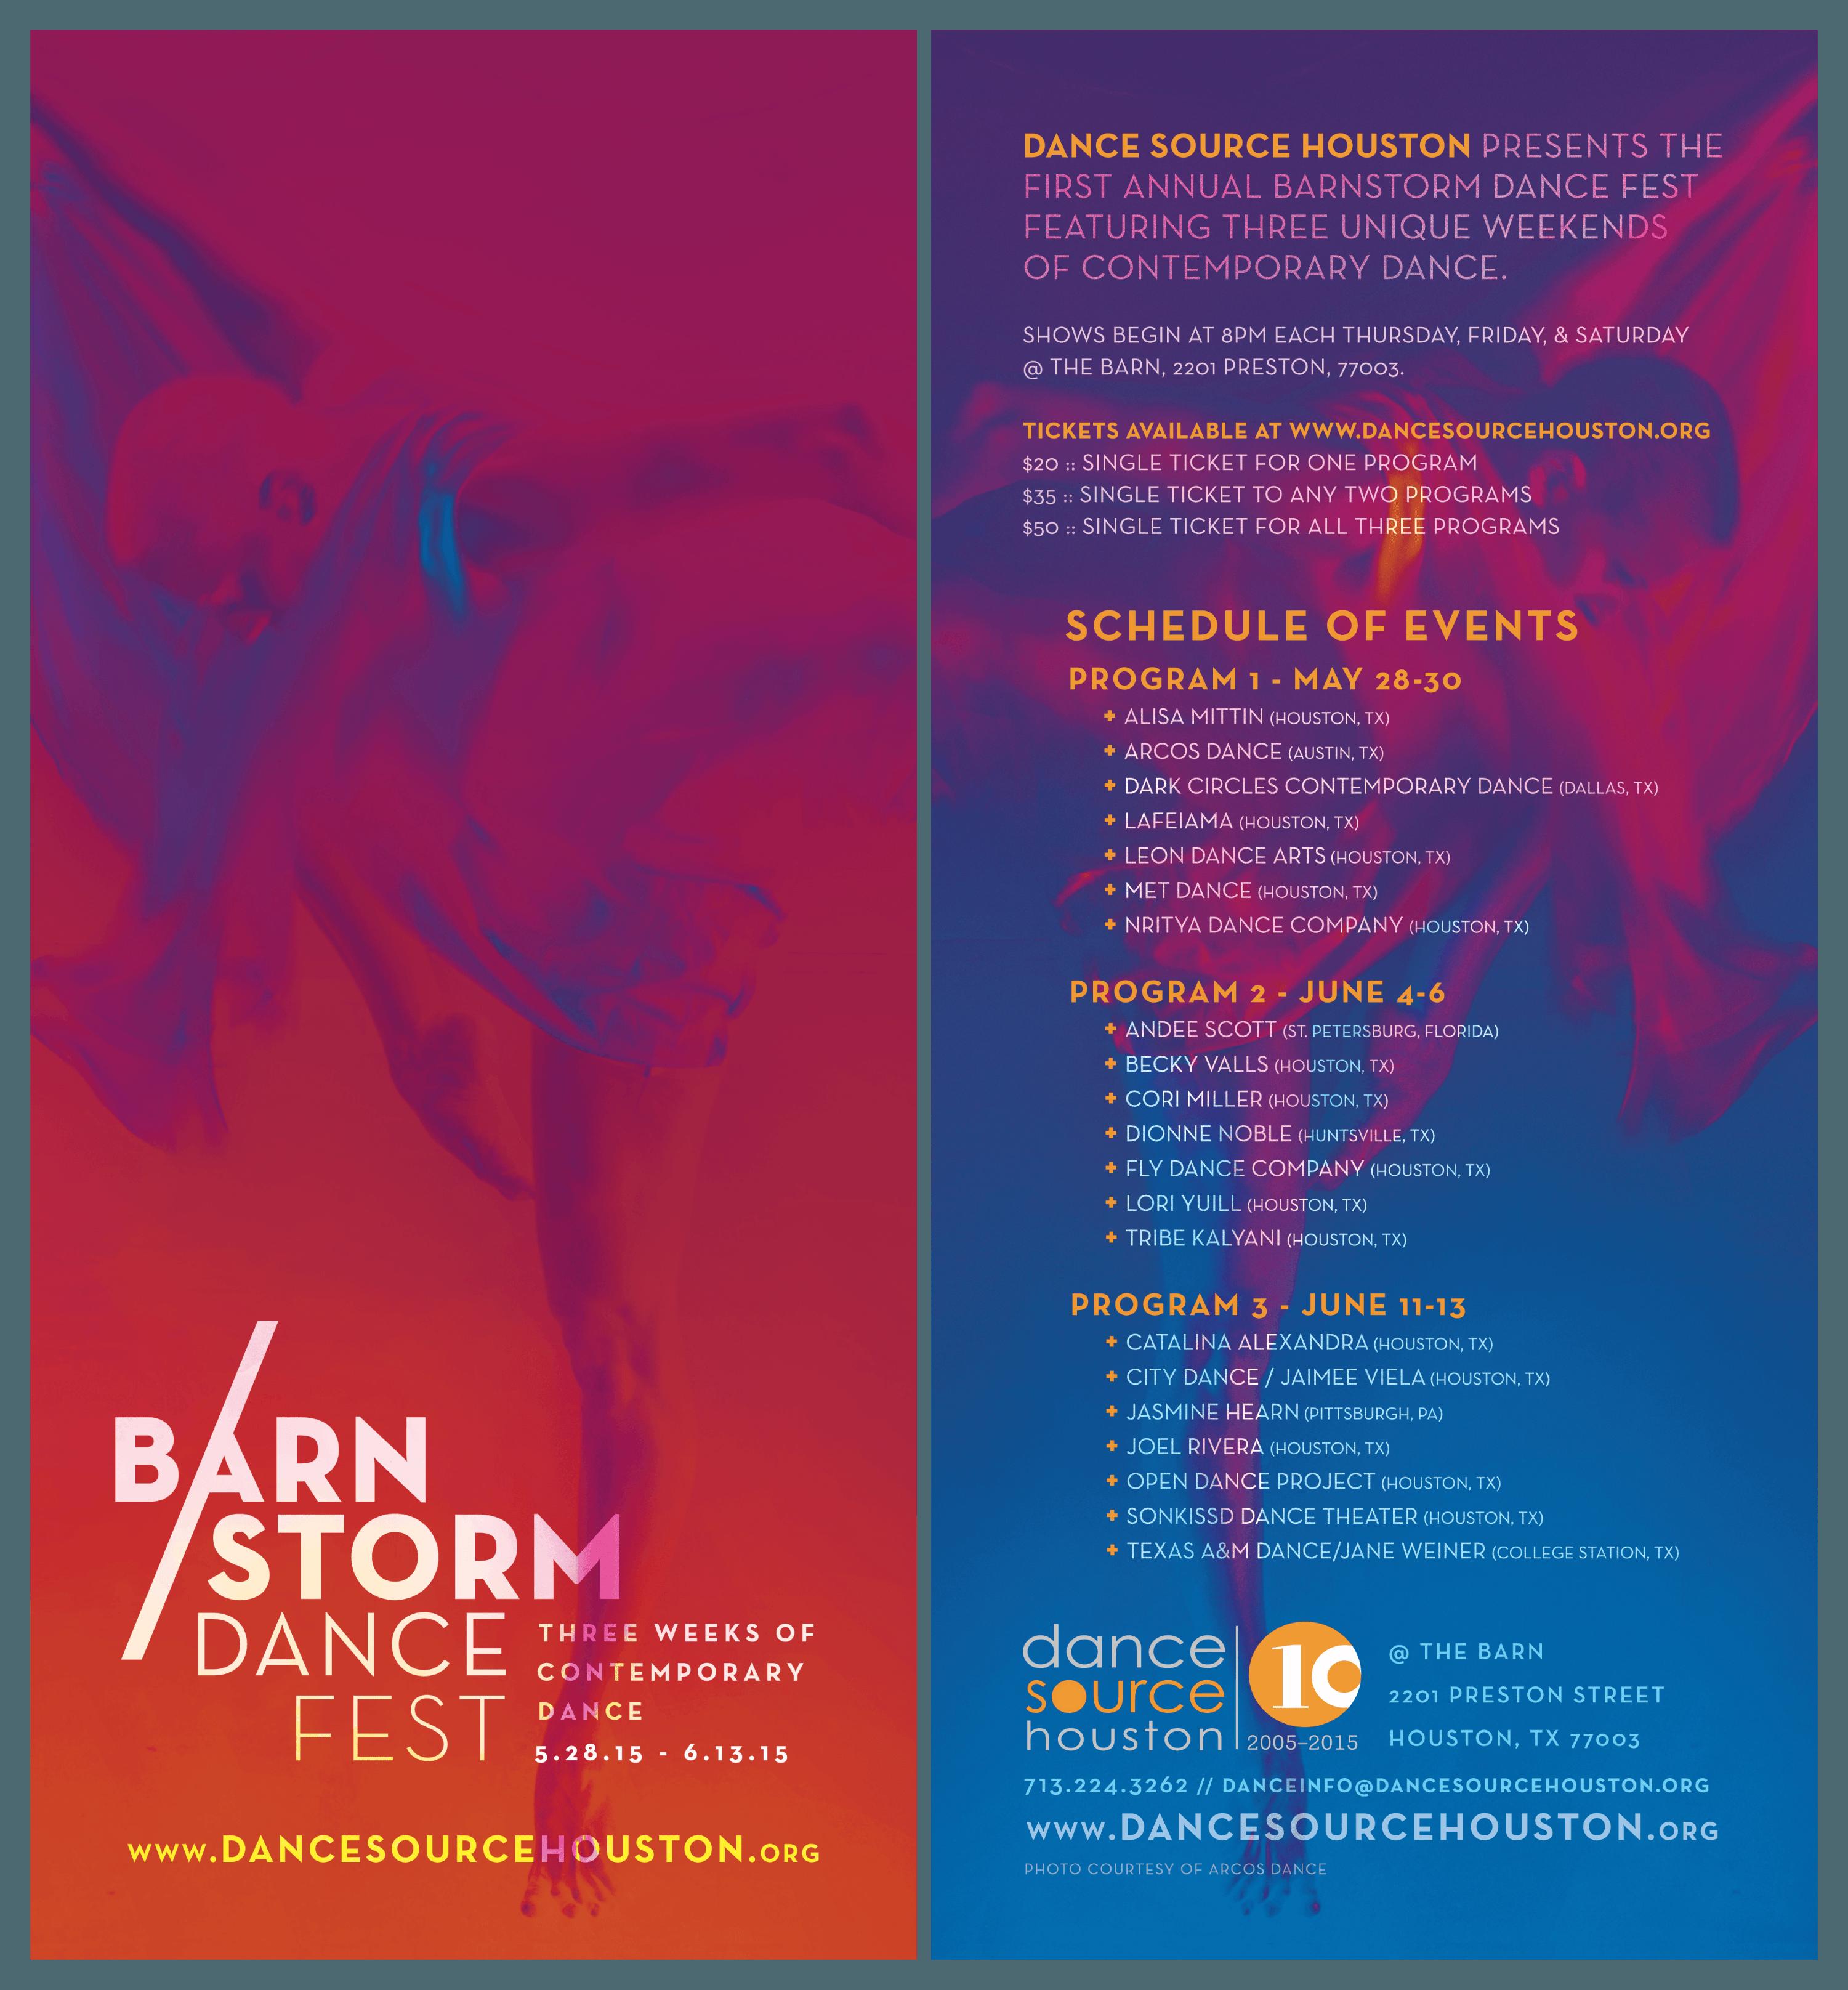 2015 Barnstorm rack card